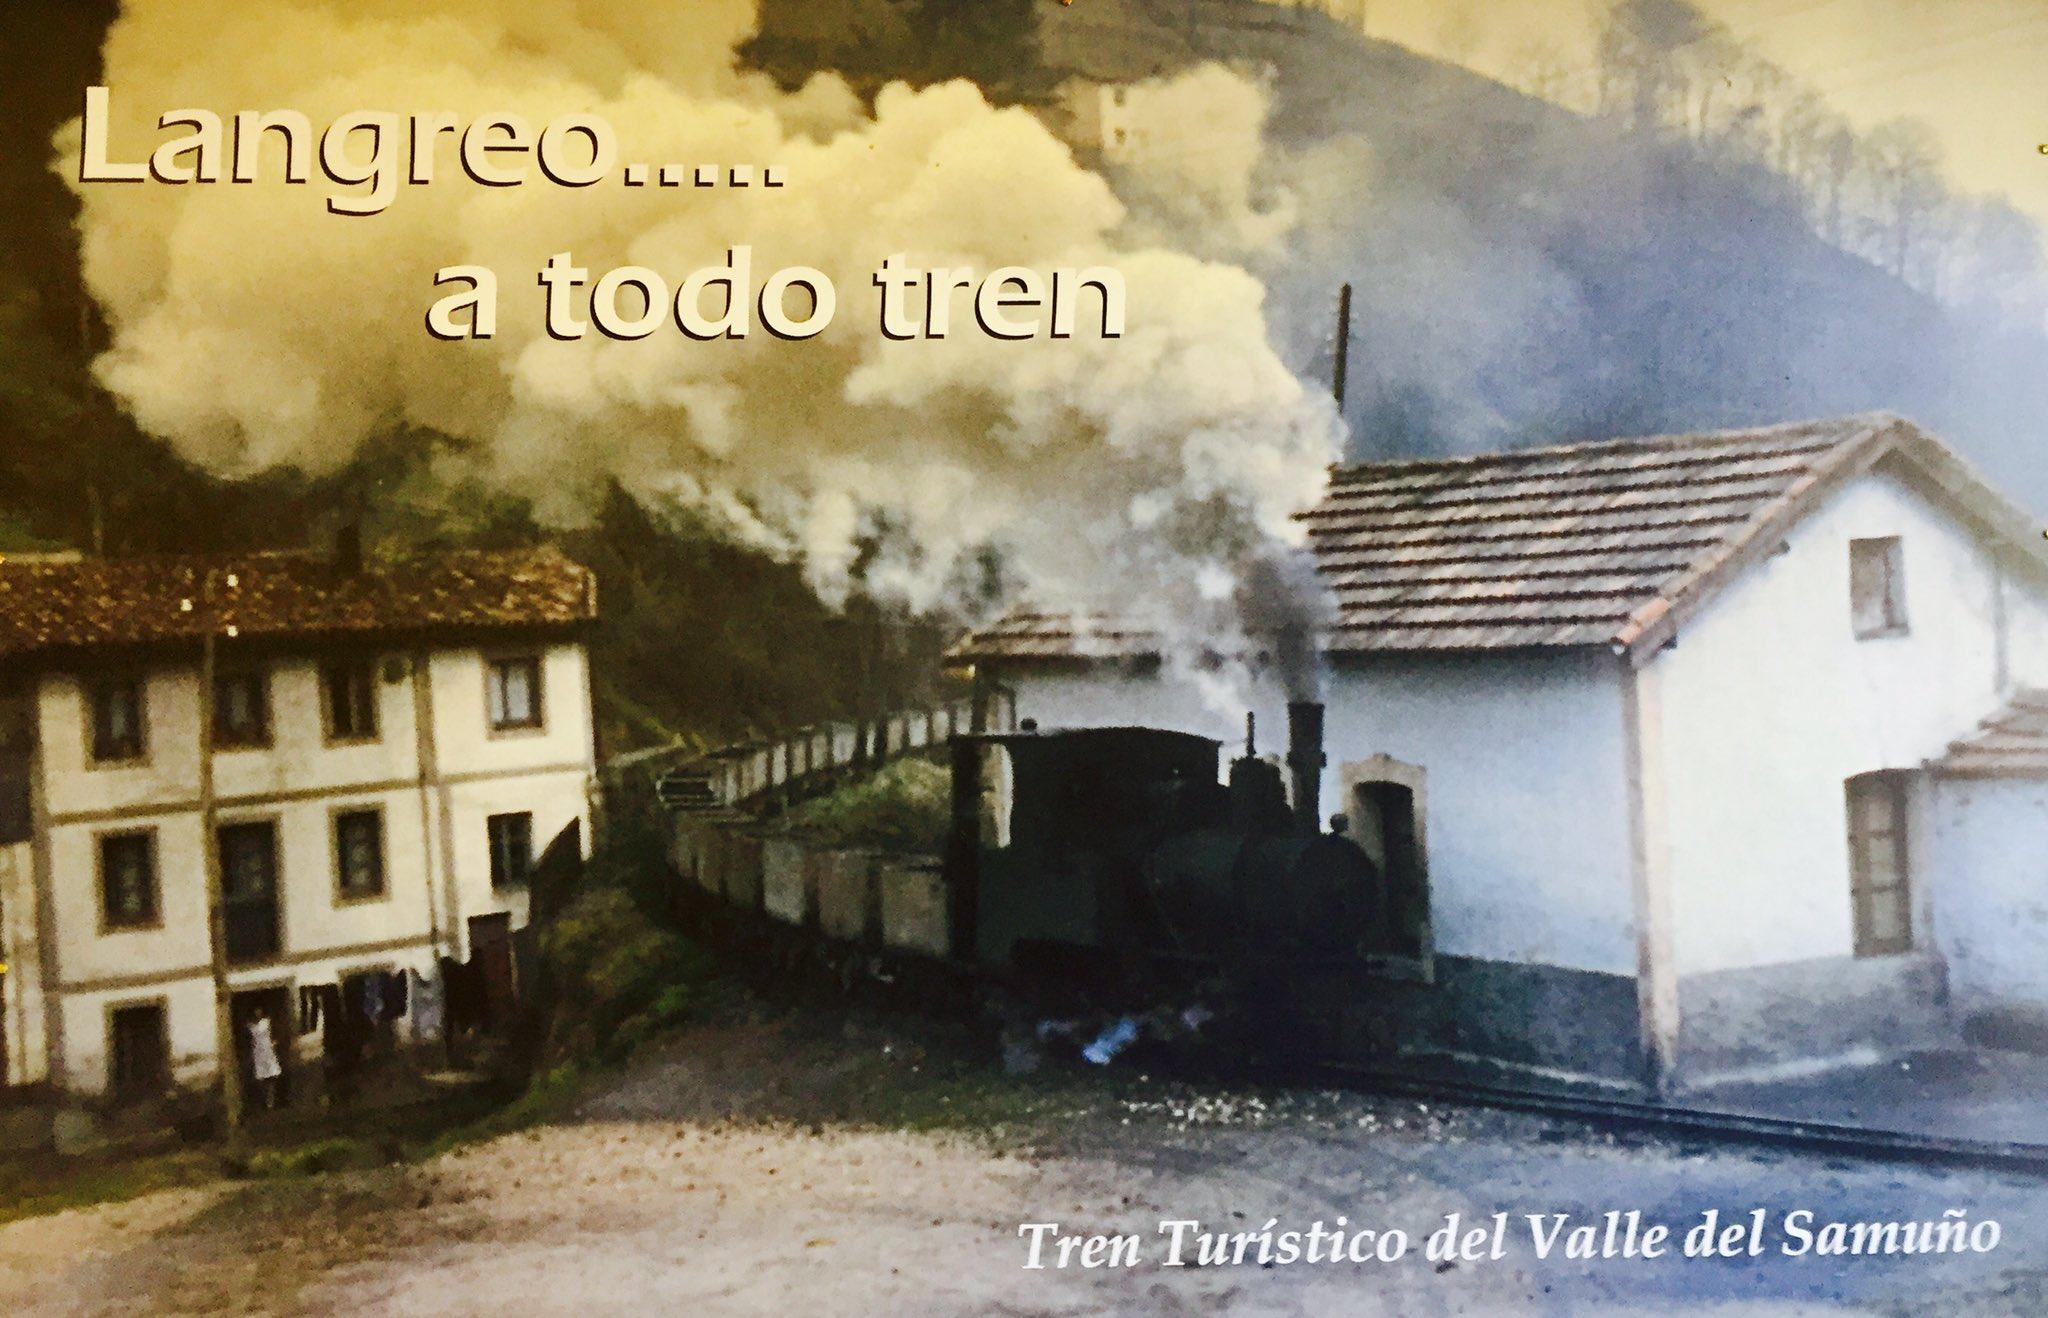 Cartel del tren turístico Valle de Samuño